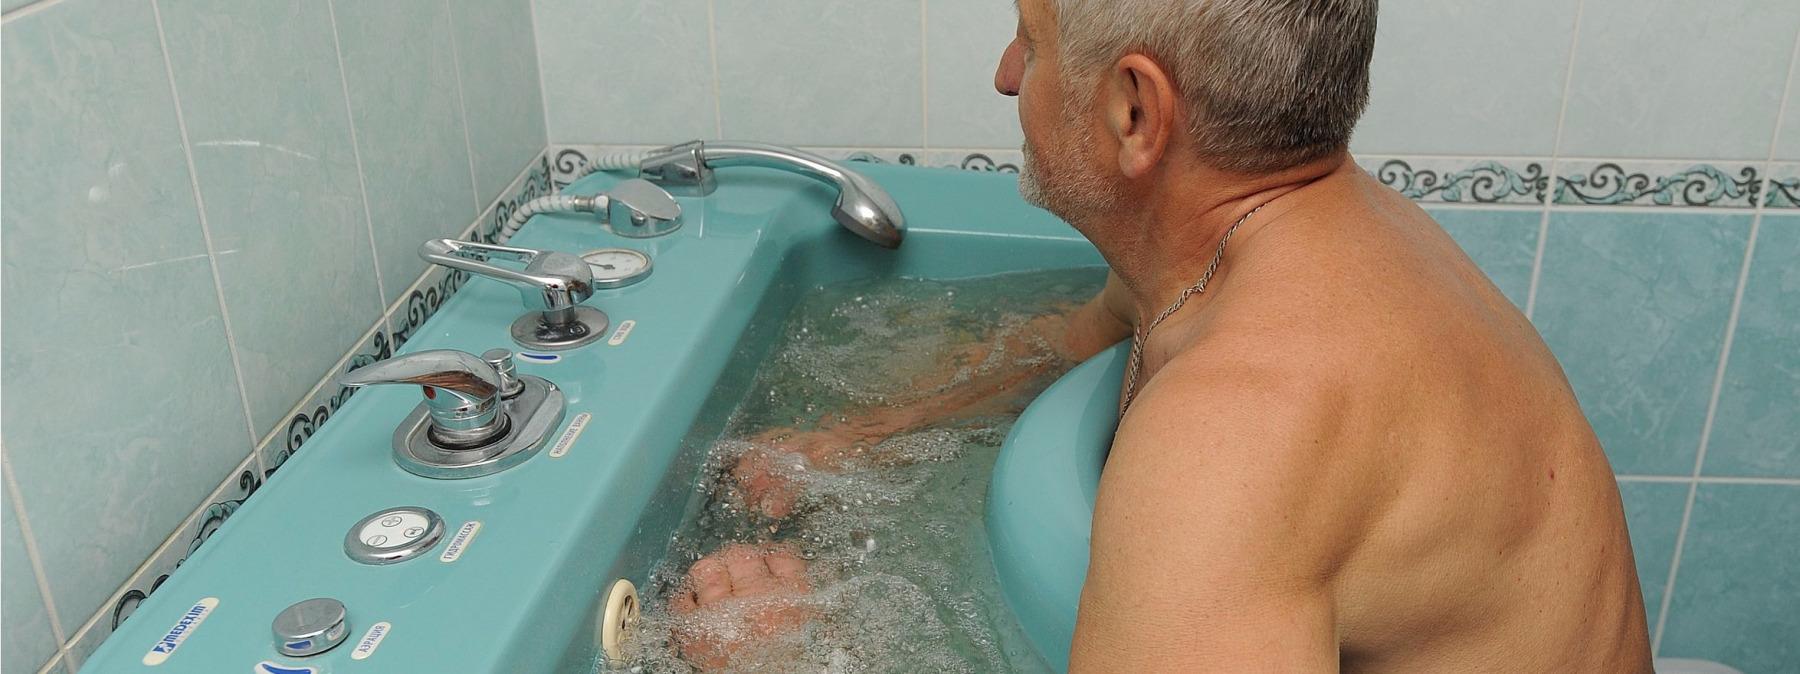 Хлоридно-натриевые ванны